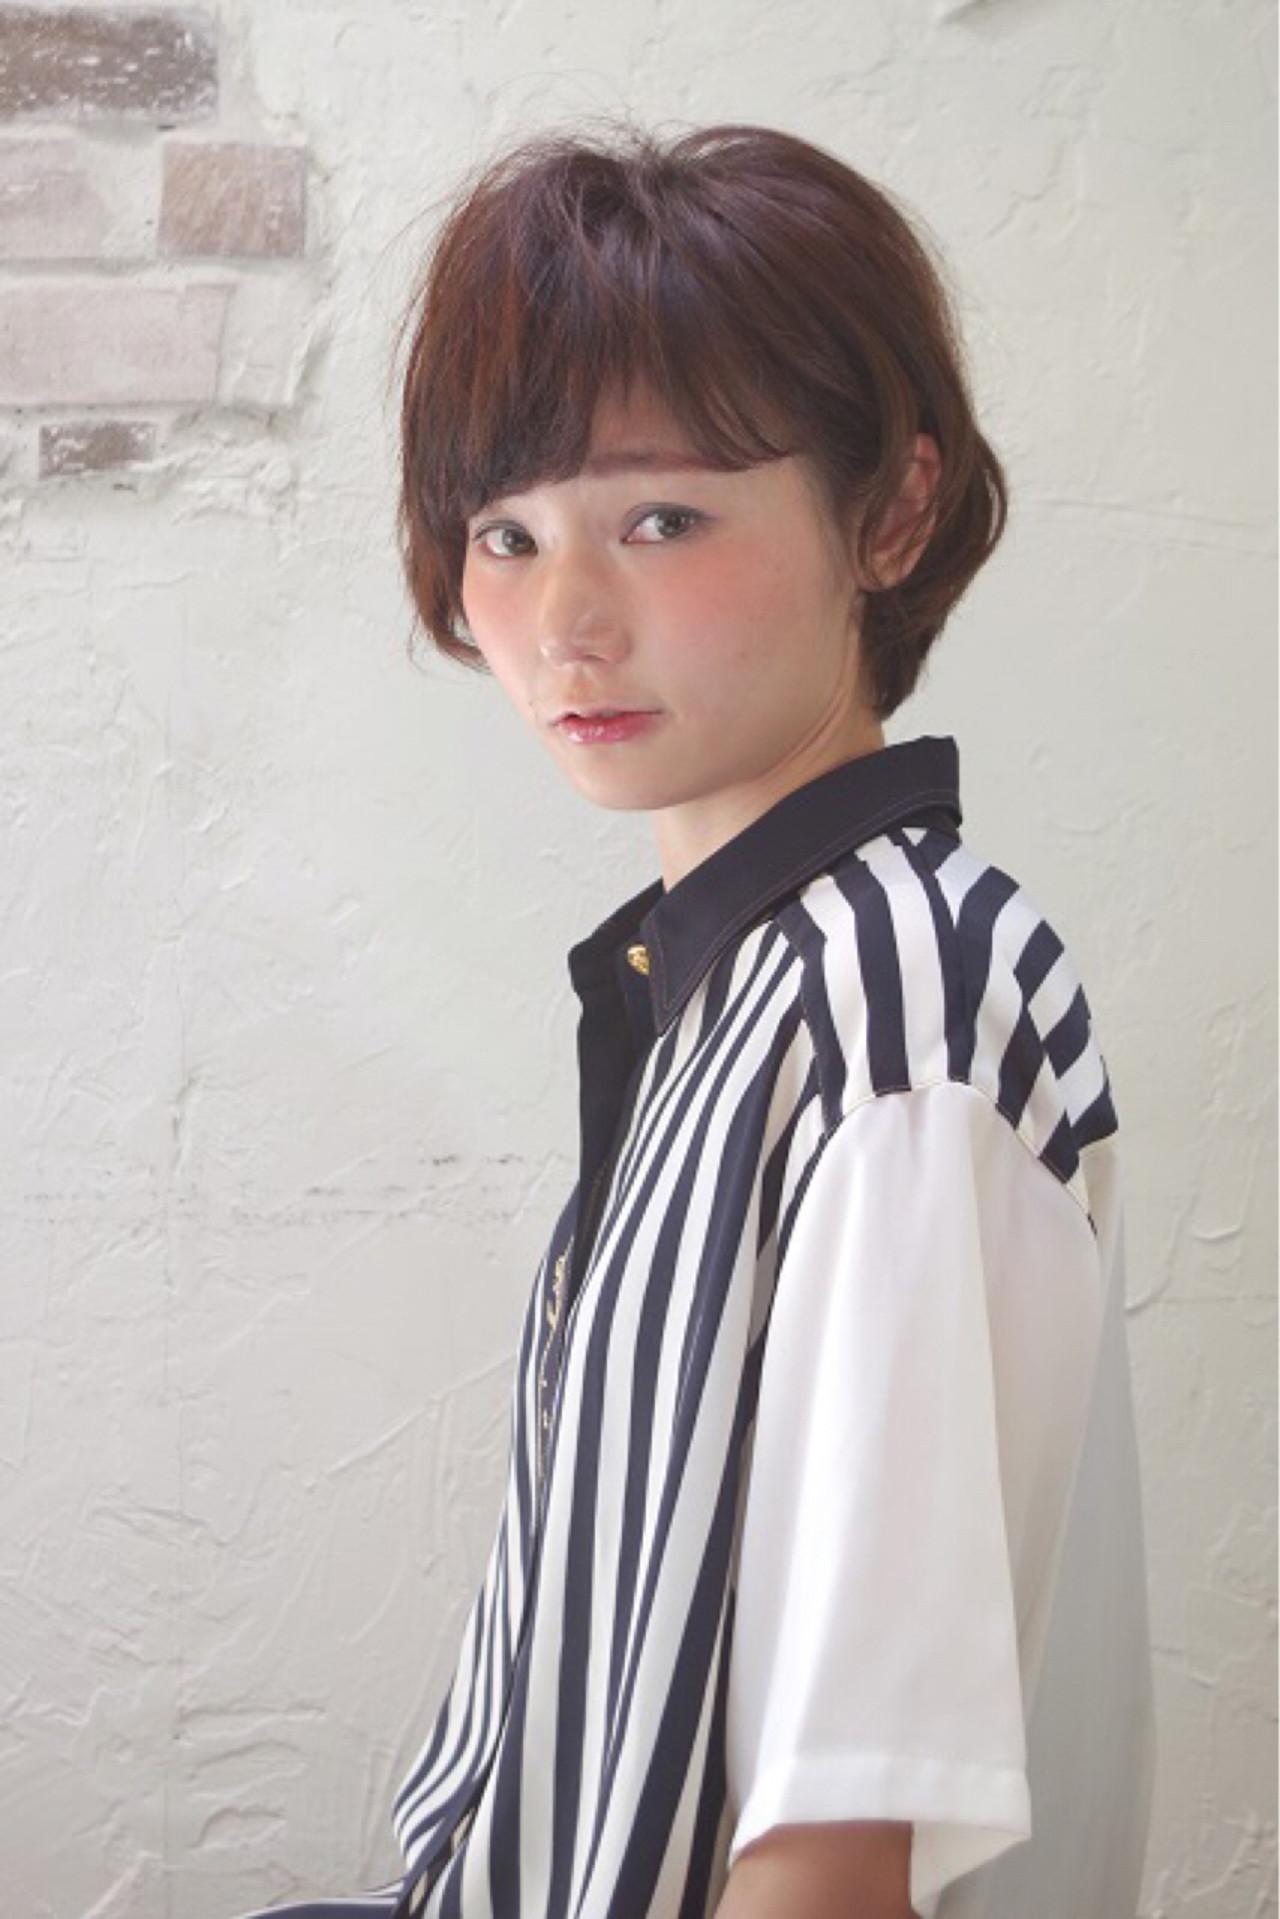 ショート ピュア アッシュ ガーリー ヘアスタイルや髪型の写真・画像 | Nao Kokubun blast / blast